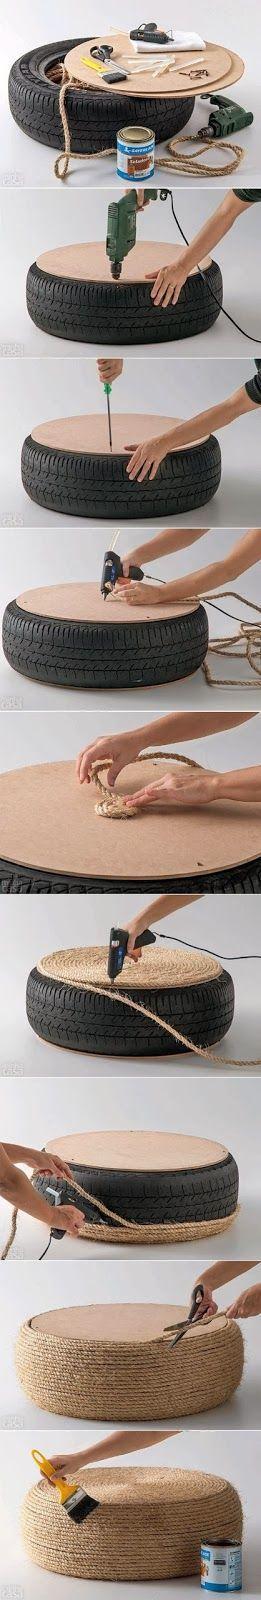 10 m glichkeiten alte m bel wiederzuverwenden schmuck. Black Bedroom Furniture Sets. Home Design Ideas